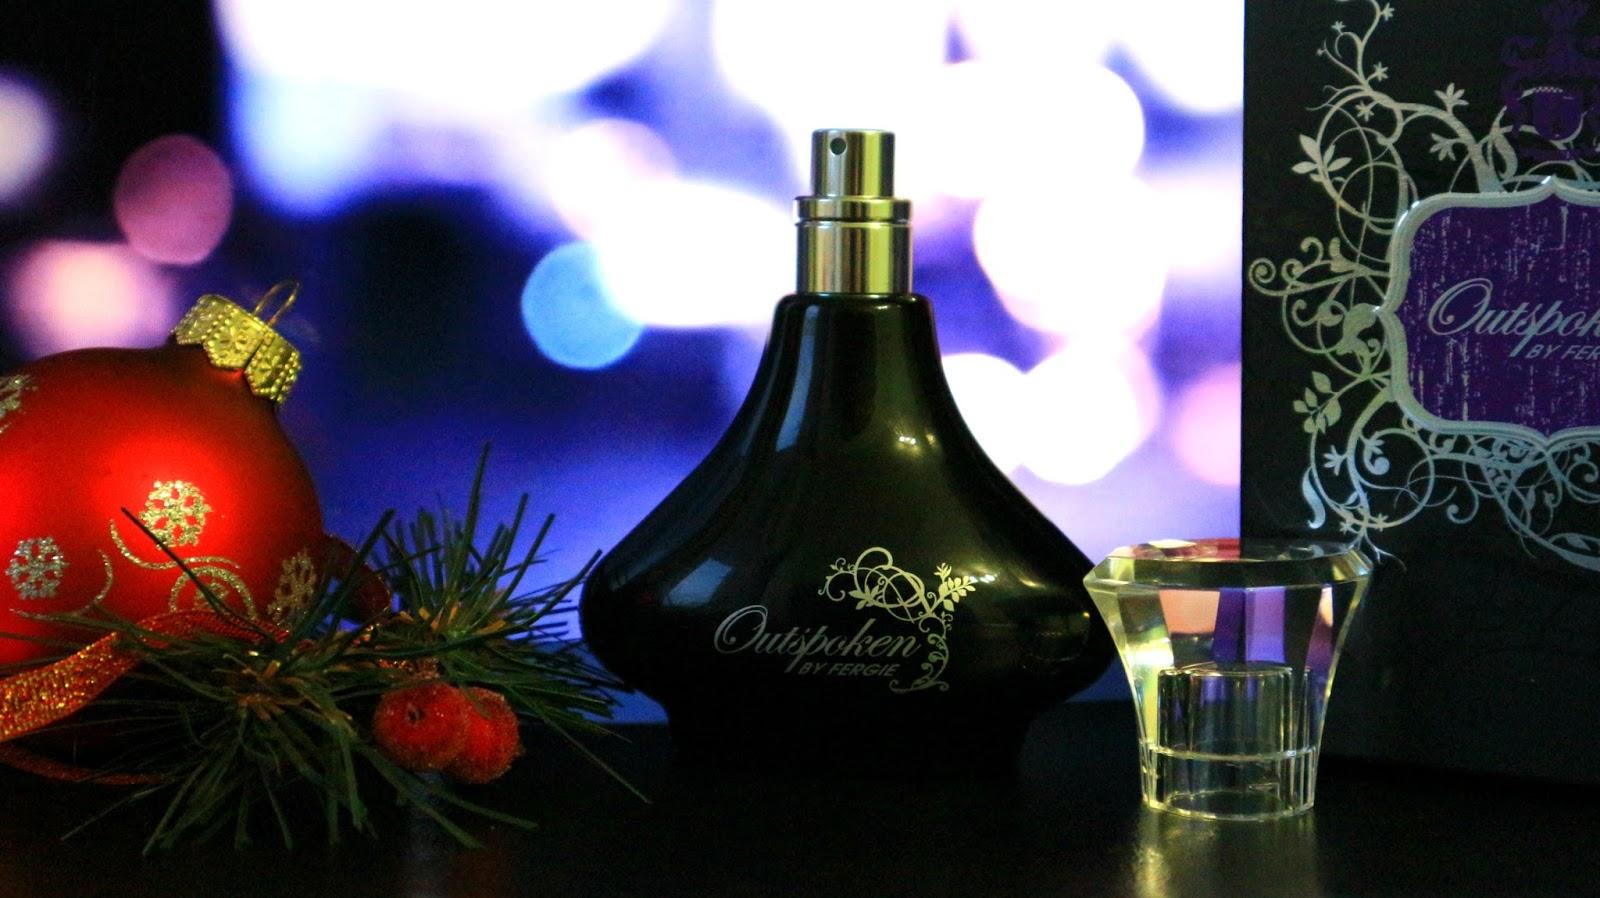 Blueberries Blog Avon Outspoken By Fergie Eau De Parfum